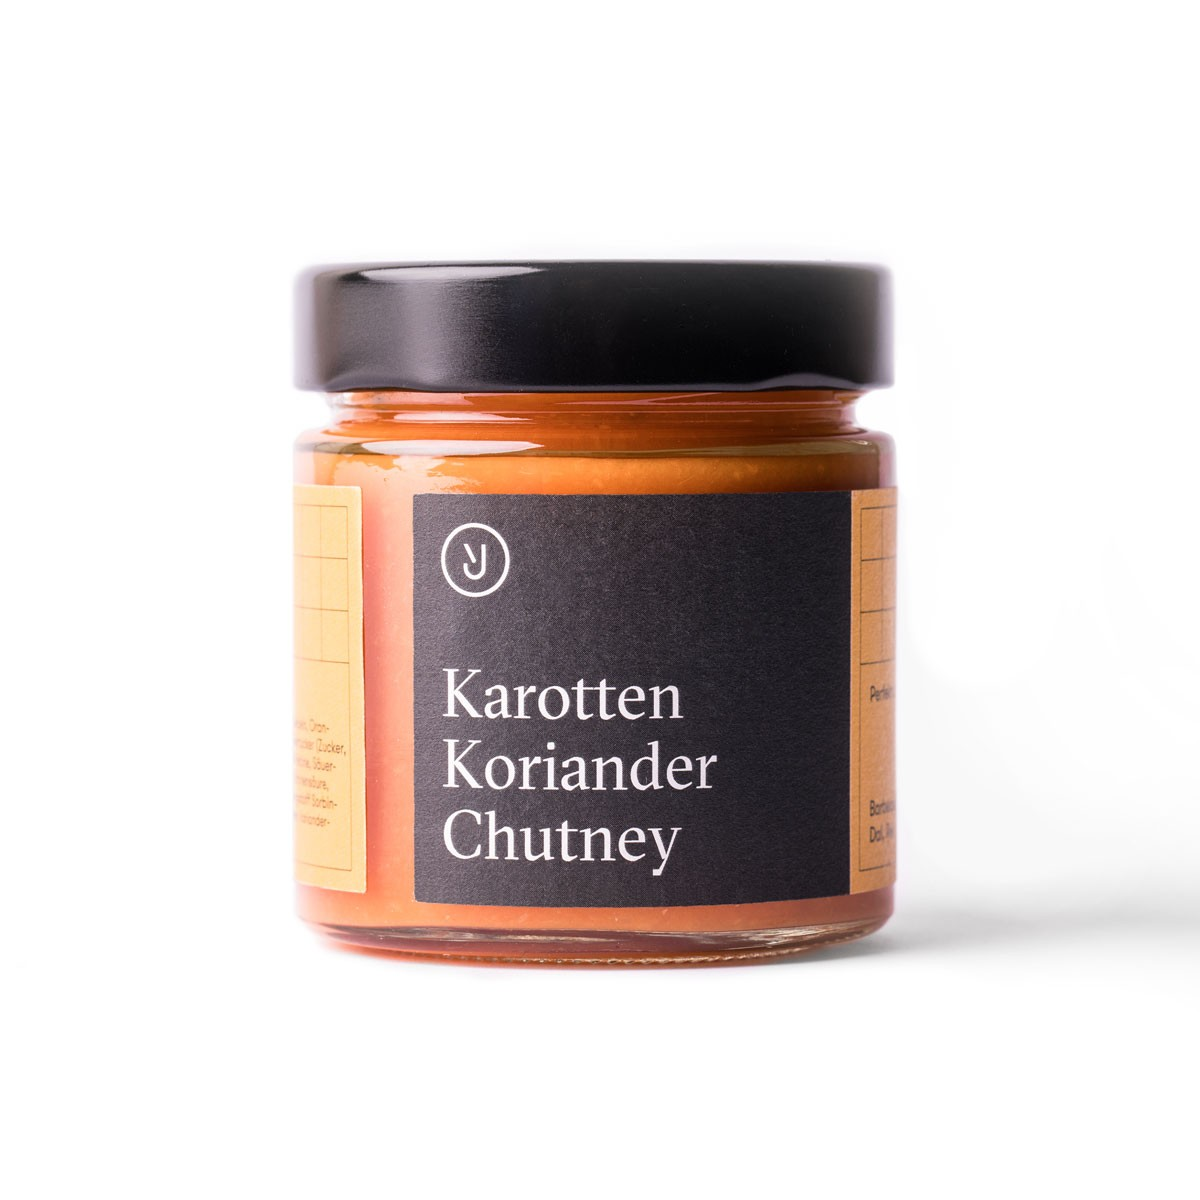 Essen für uns - Karotten Koriander Chutney (180g)